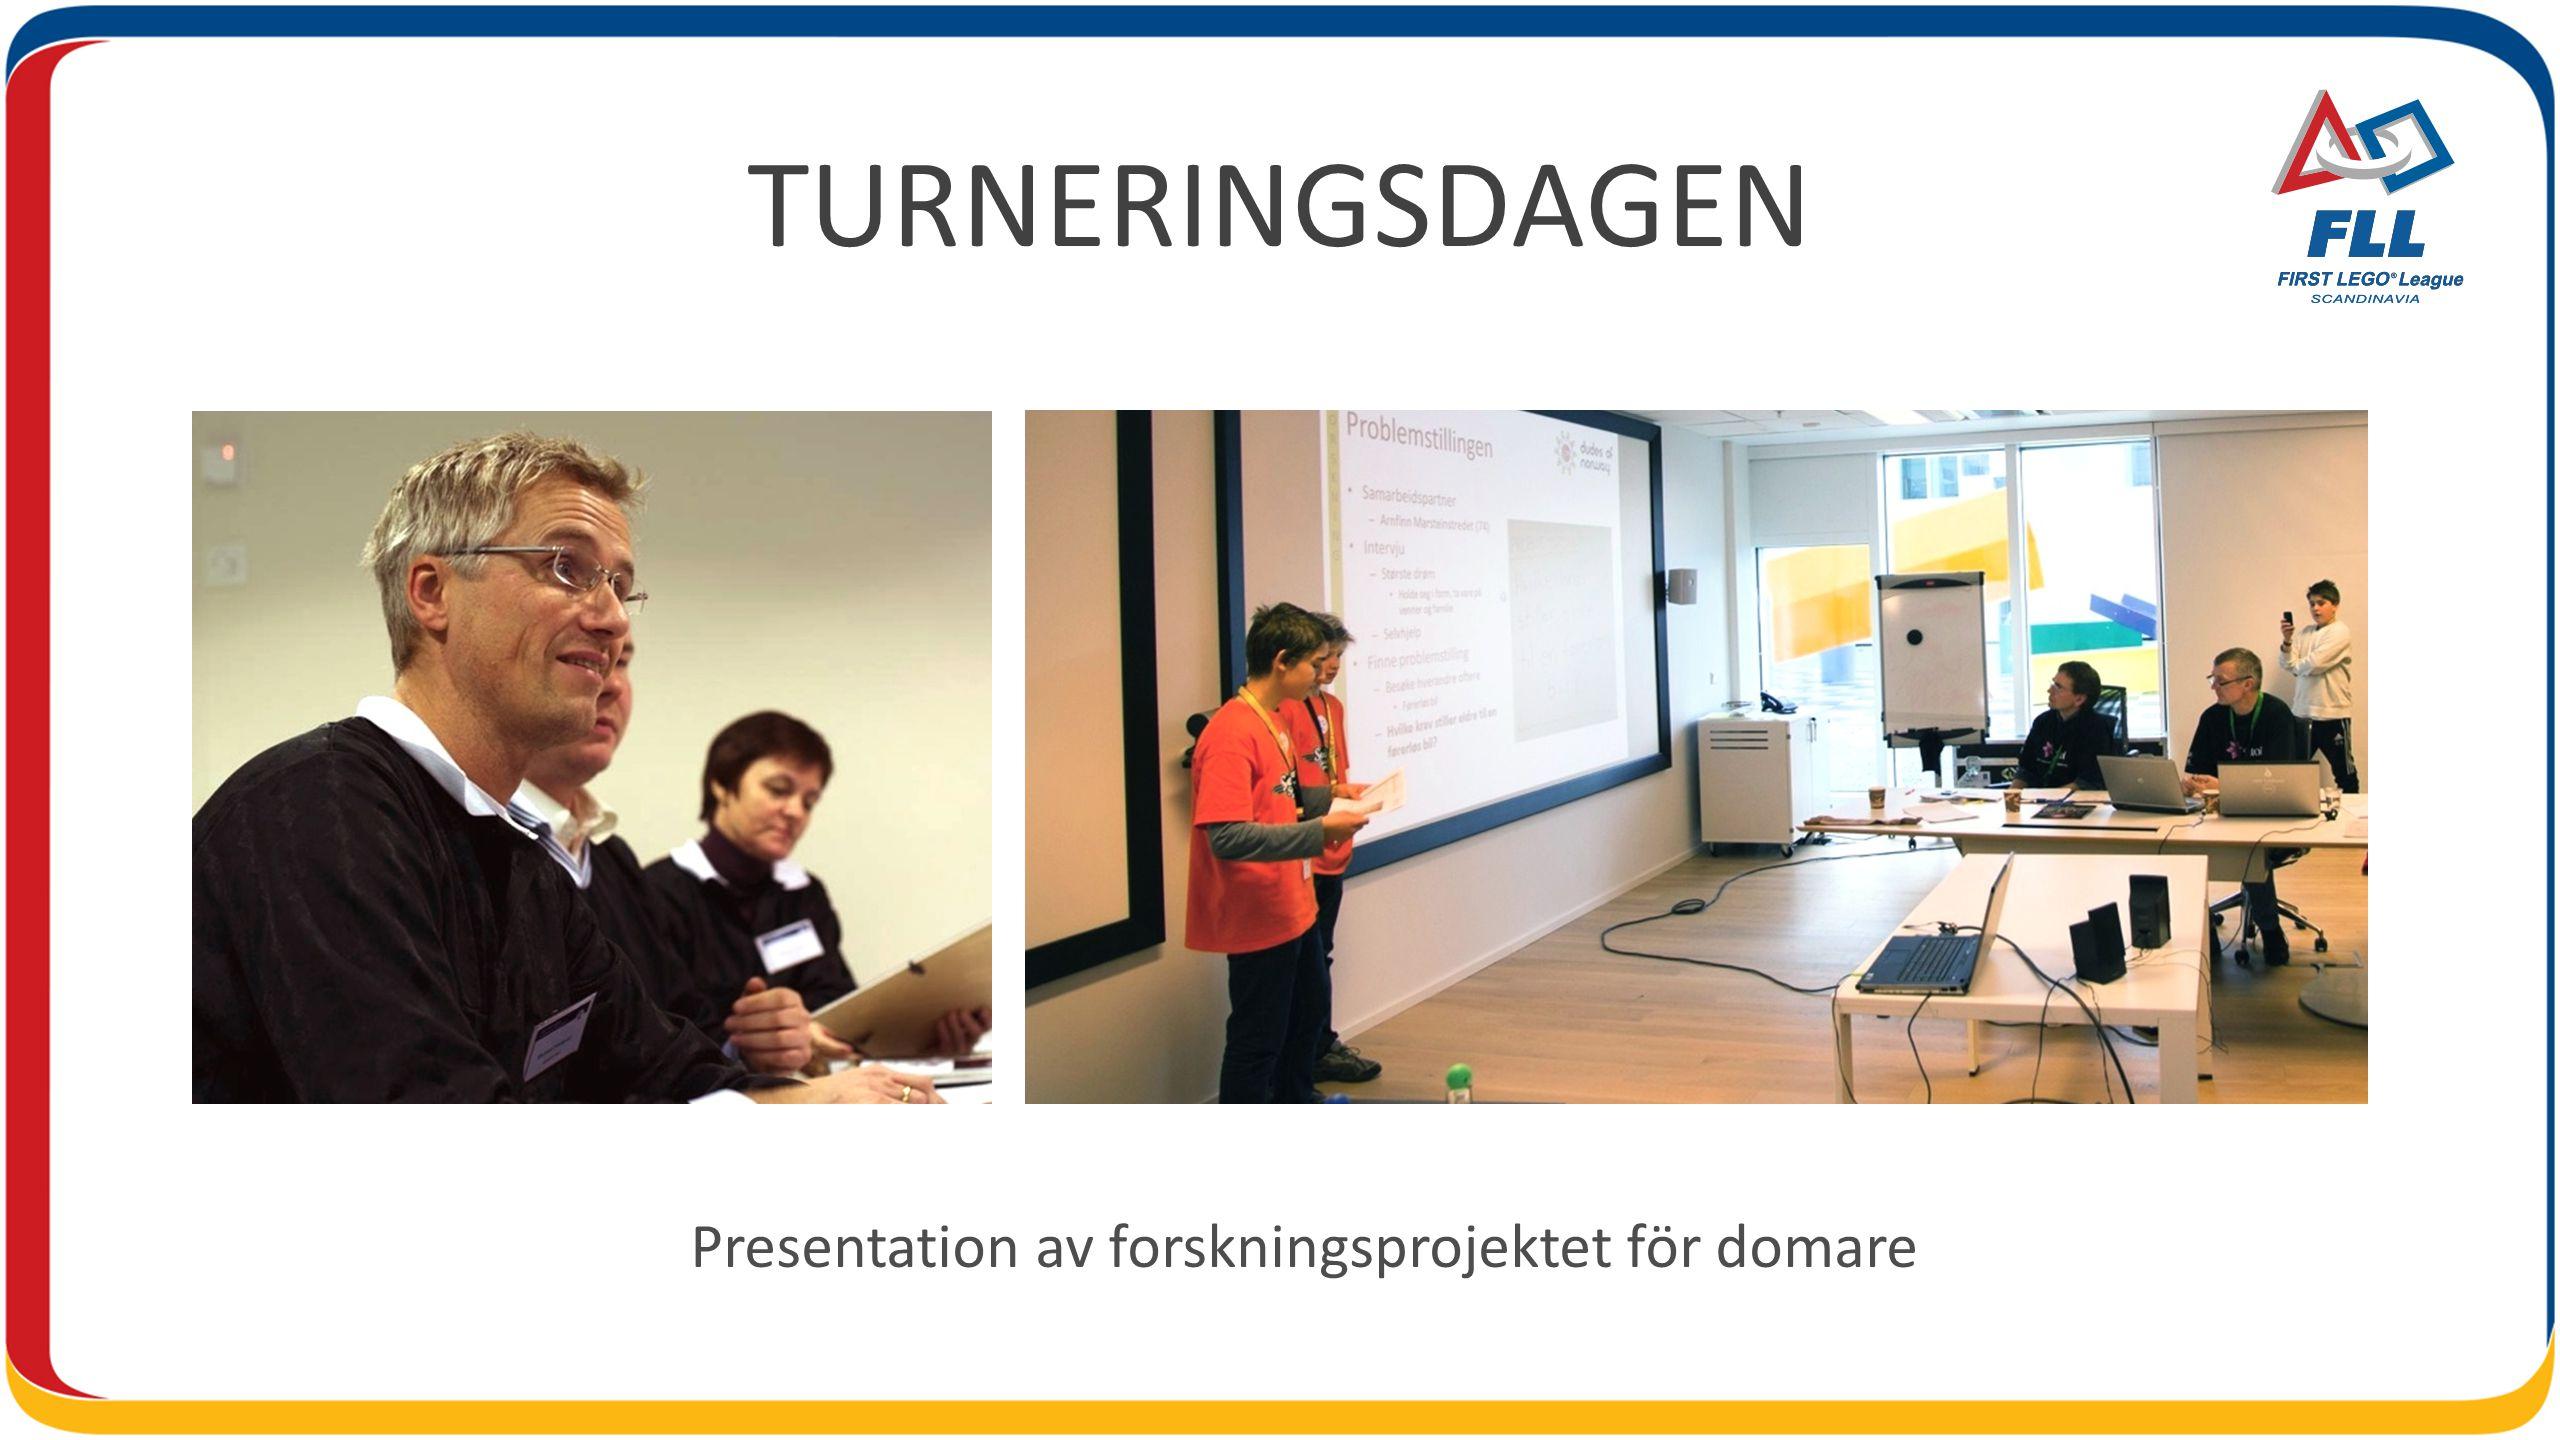 TURNERINGSDAGEN Presentation av forskningsprojektet för domare